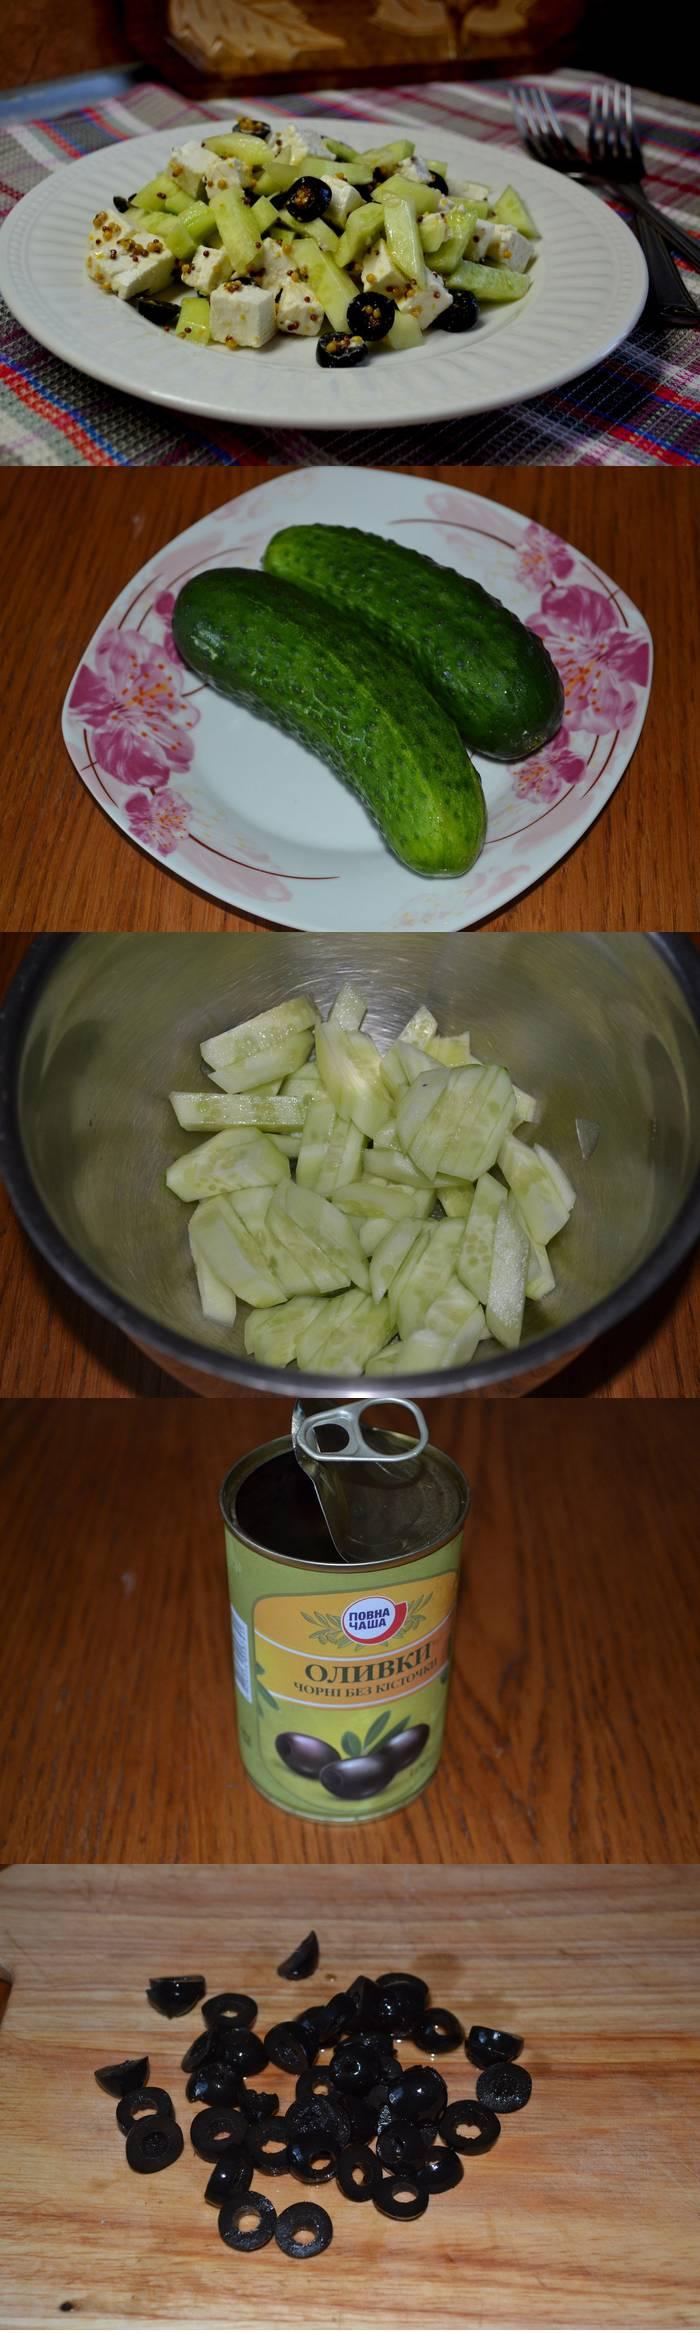 Салат из огурцов с брынзой и маслинами